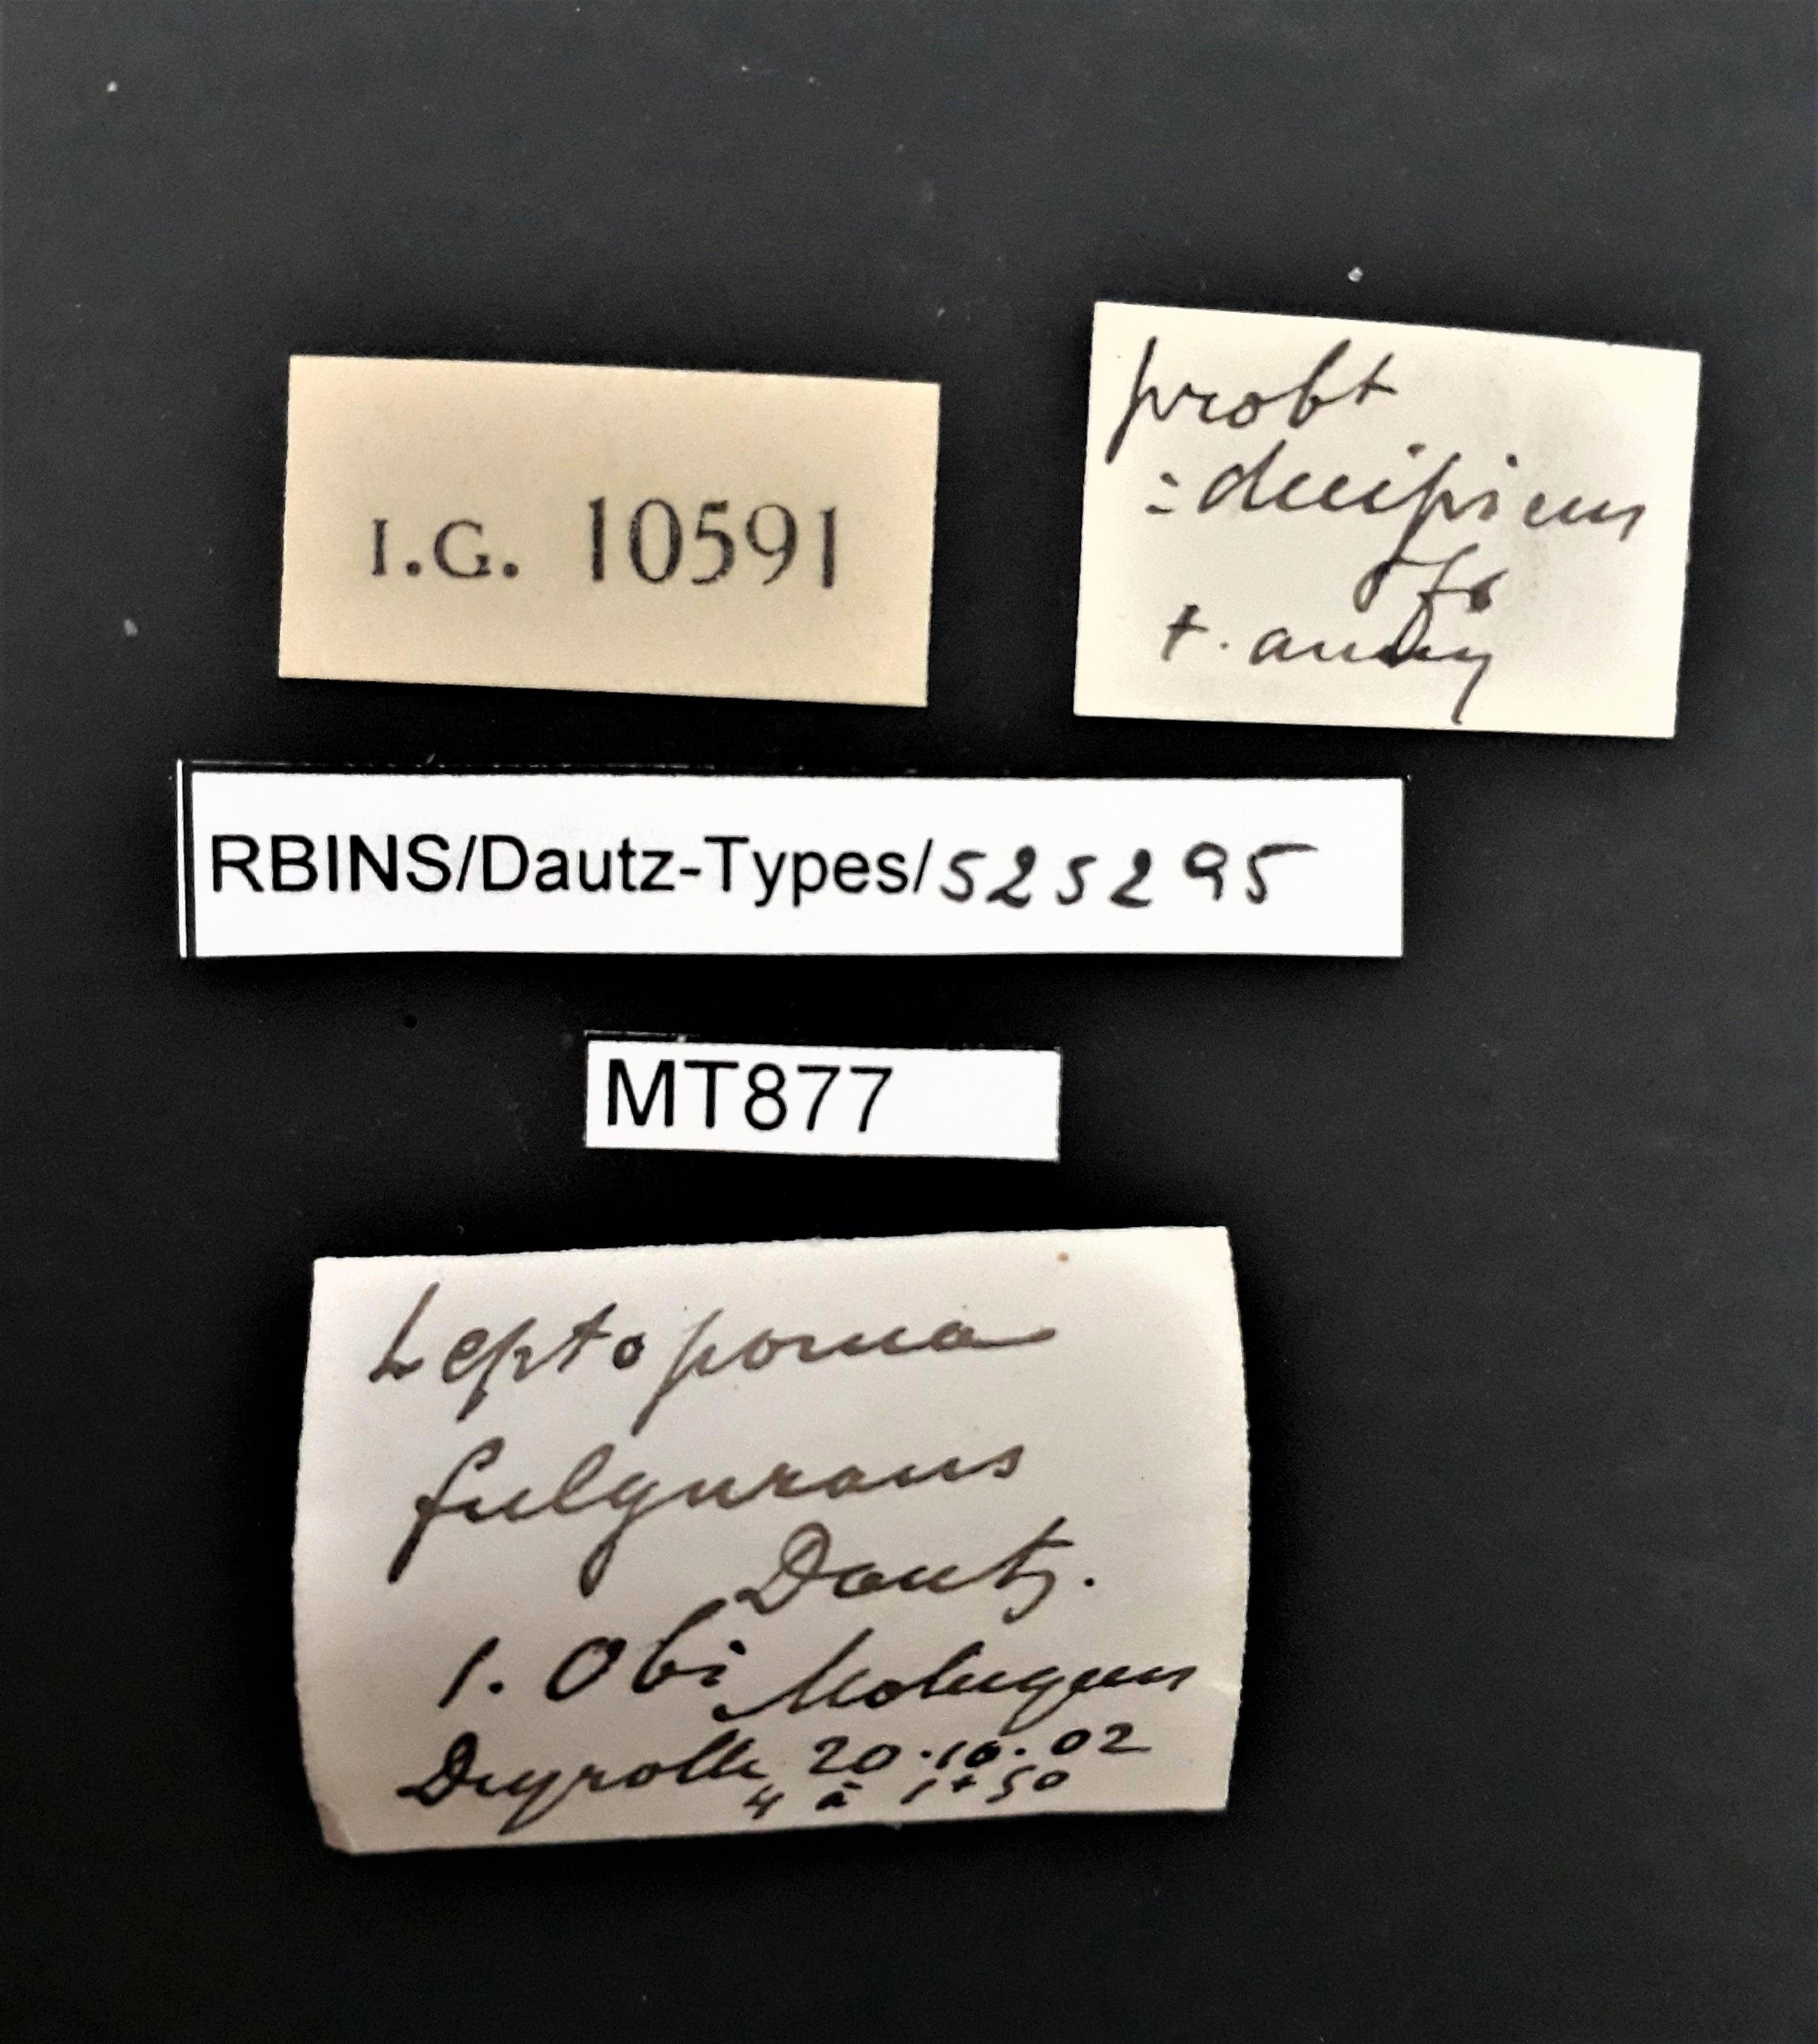 BE-RBINS-INV MT 877 Leptopoma fulgurans pt Lb.jpg